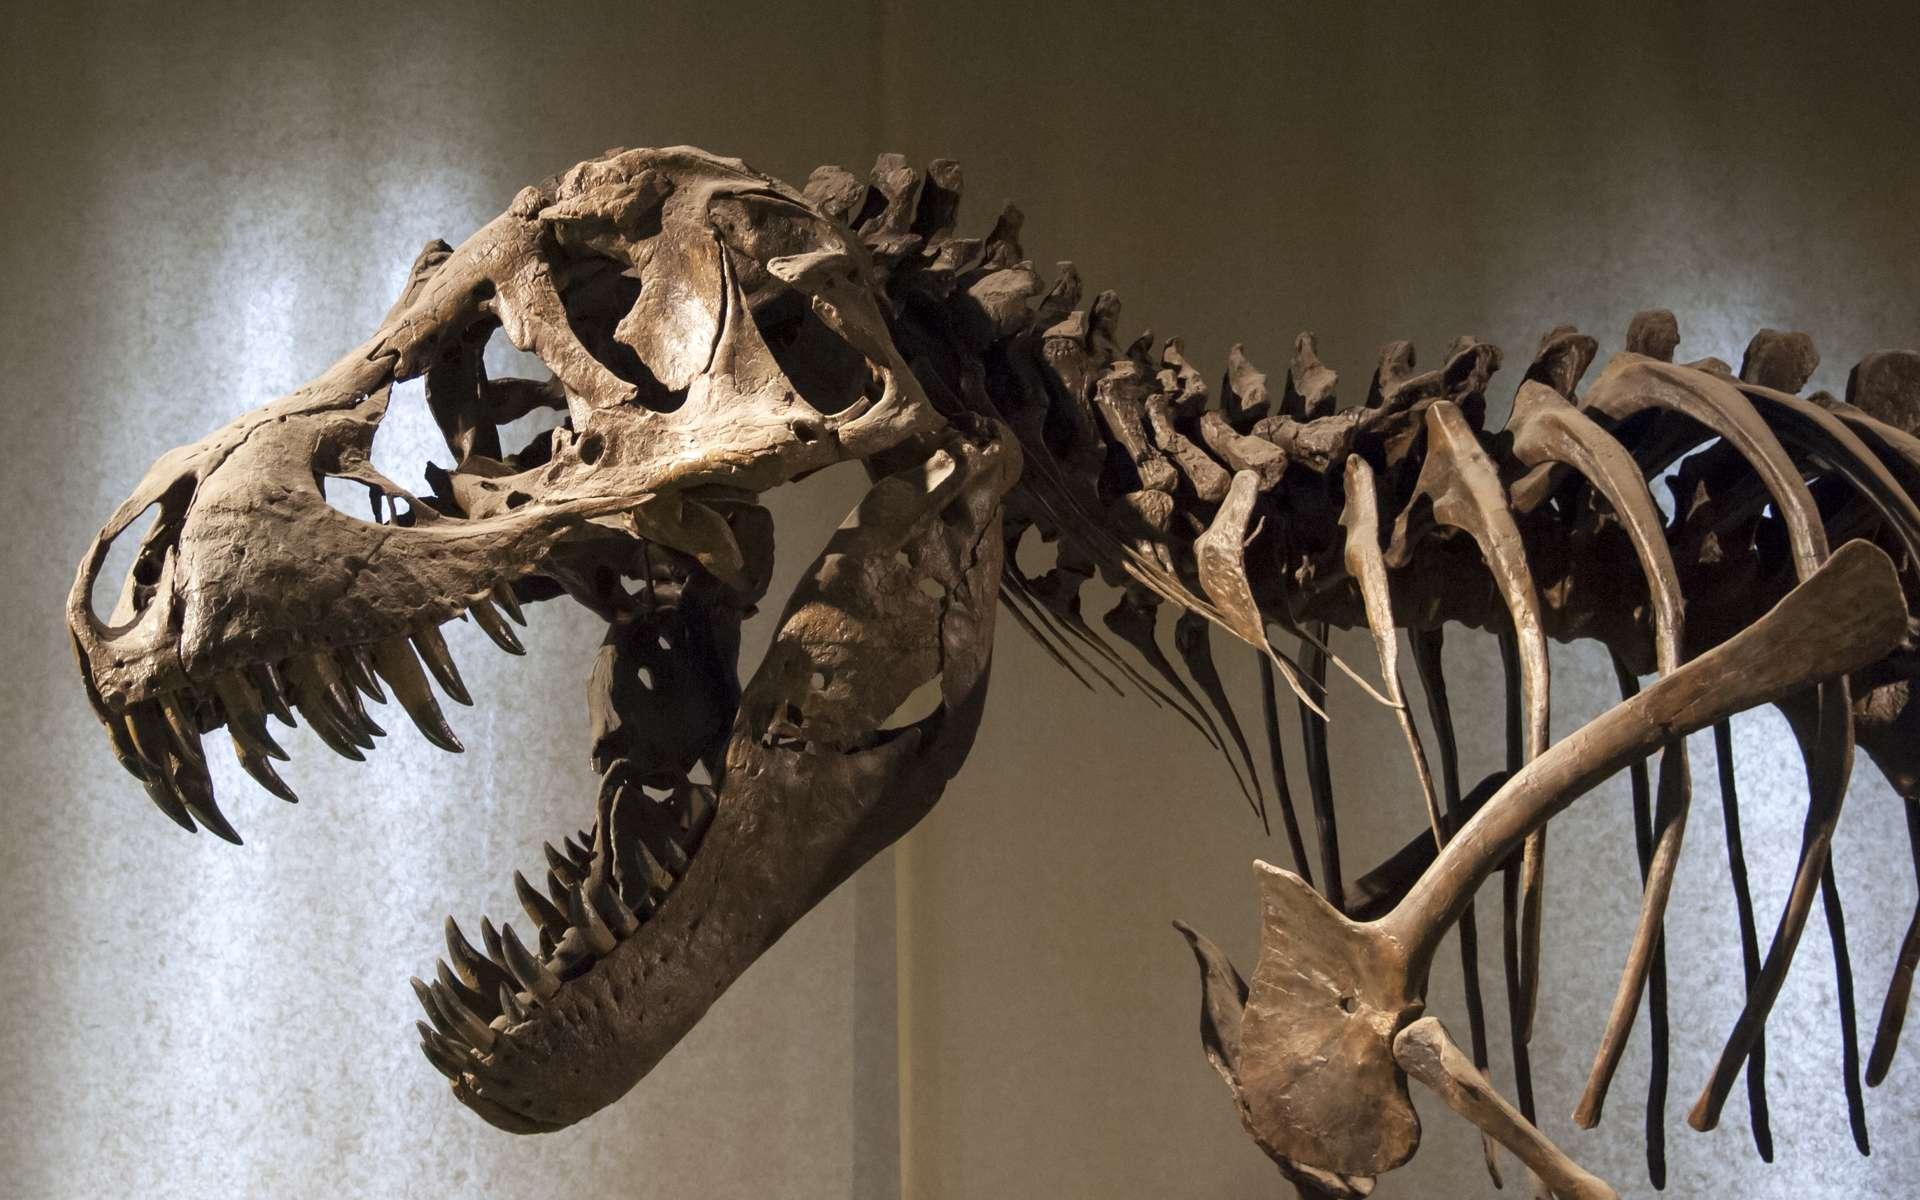 Le grand tyrannosaure, ou T-rex, pouvait courir, chasser et dévorer ses victimes jusqu'au dernier os, grâce à sa terrible mâchoire. Il pouvait aussi se repaître de carcasses d'autres dinosaures, même celles des plus gros. © atm2003, Fotolia